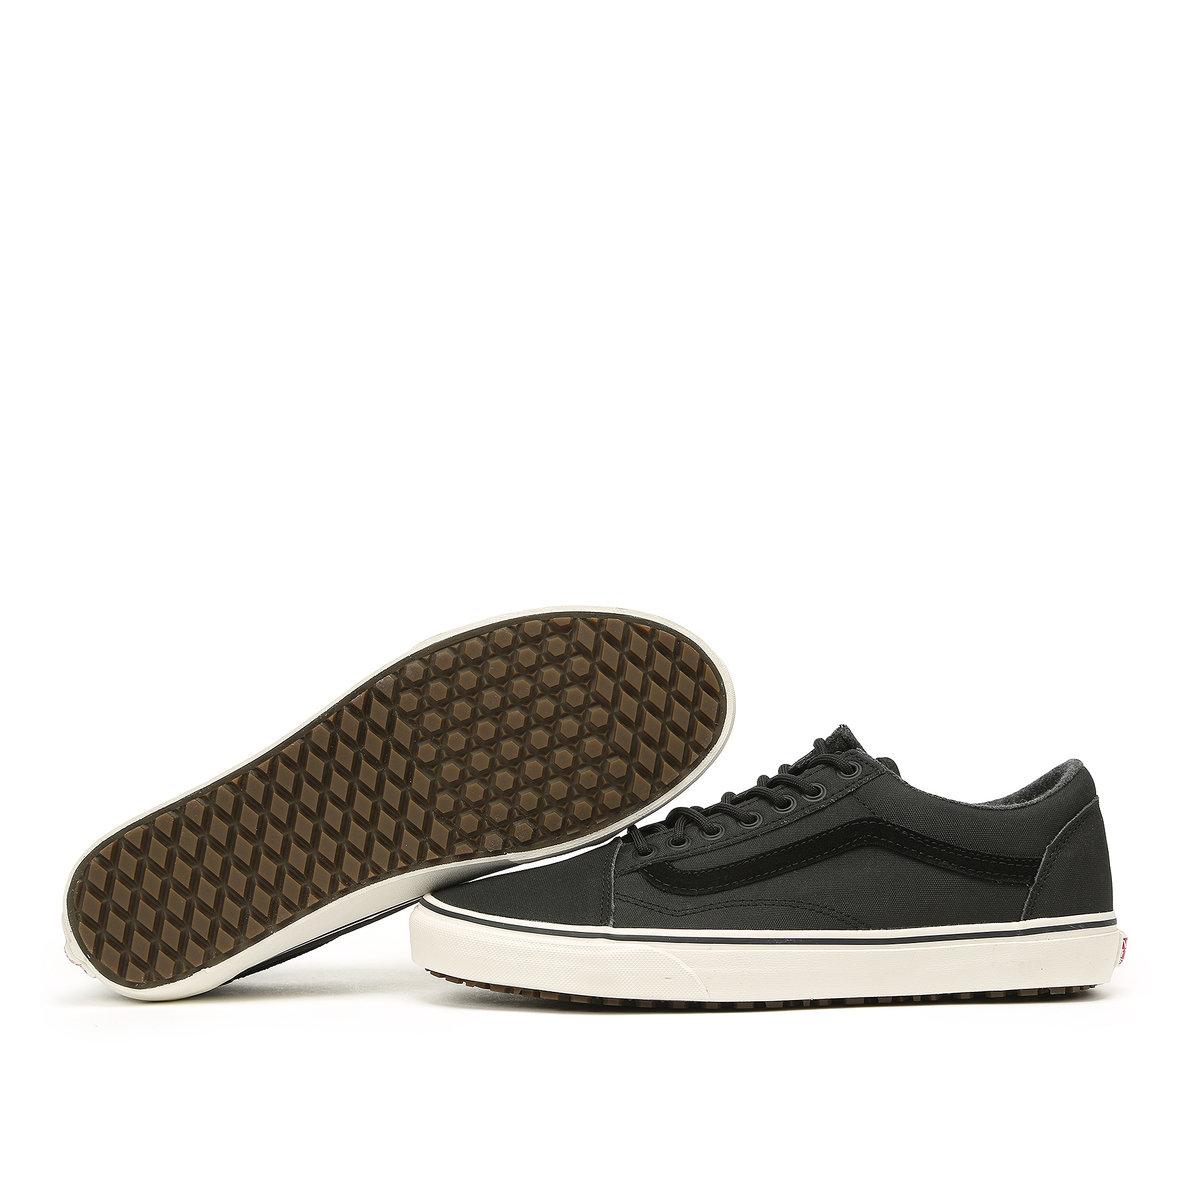 Купить кеды обувь Зимние венс вэнс олд Перейти на официальный сайт  производителя... 📌 c6d9f238714